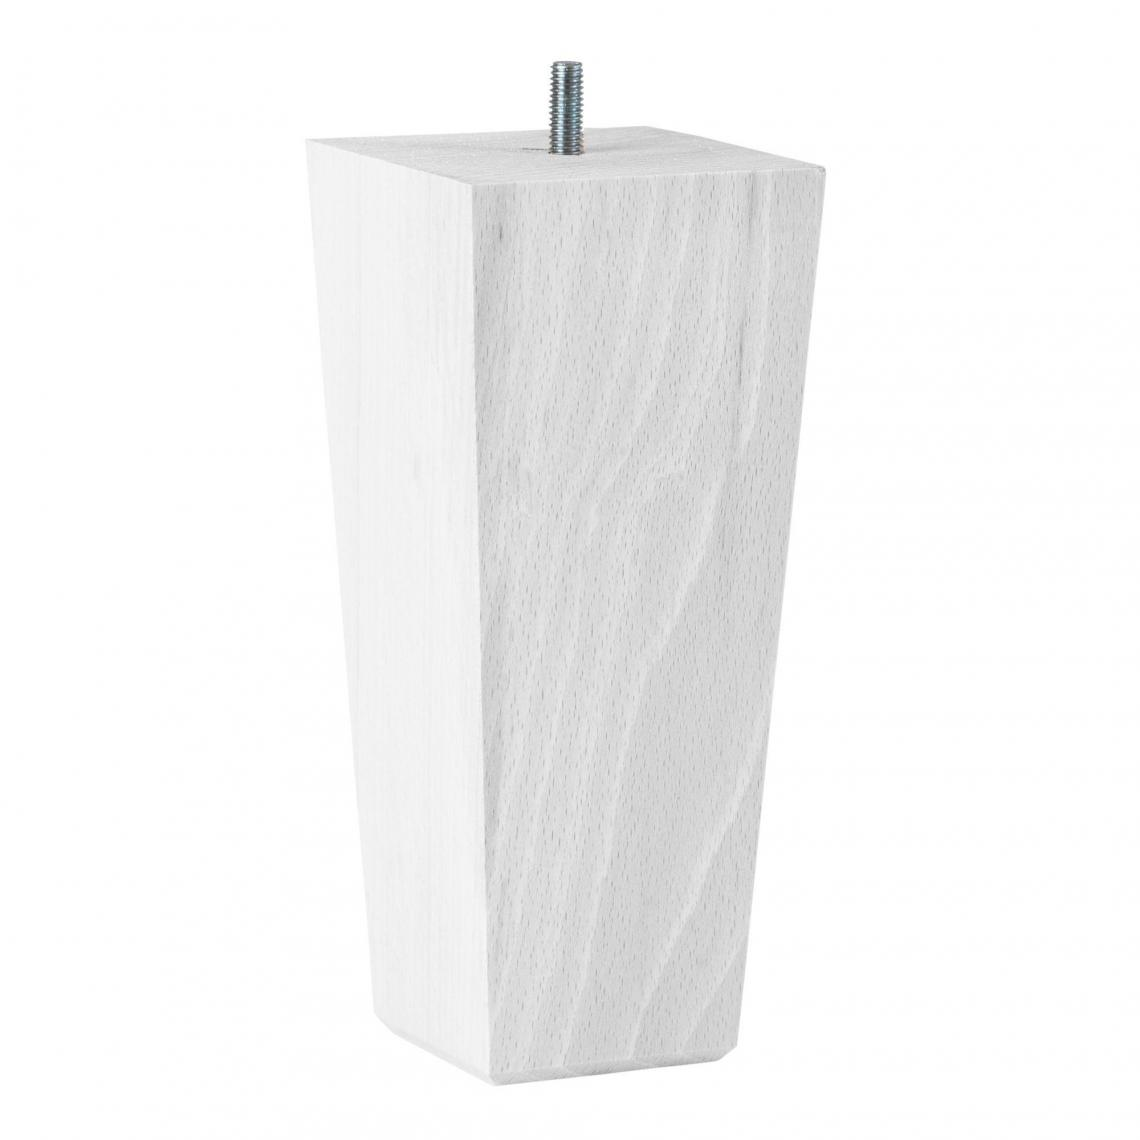 lot de 4 pieds de lit trap ze bois laqu blanc haut 20 cm. Black Bedroom Furniture Sets. Home Design Ideas